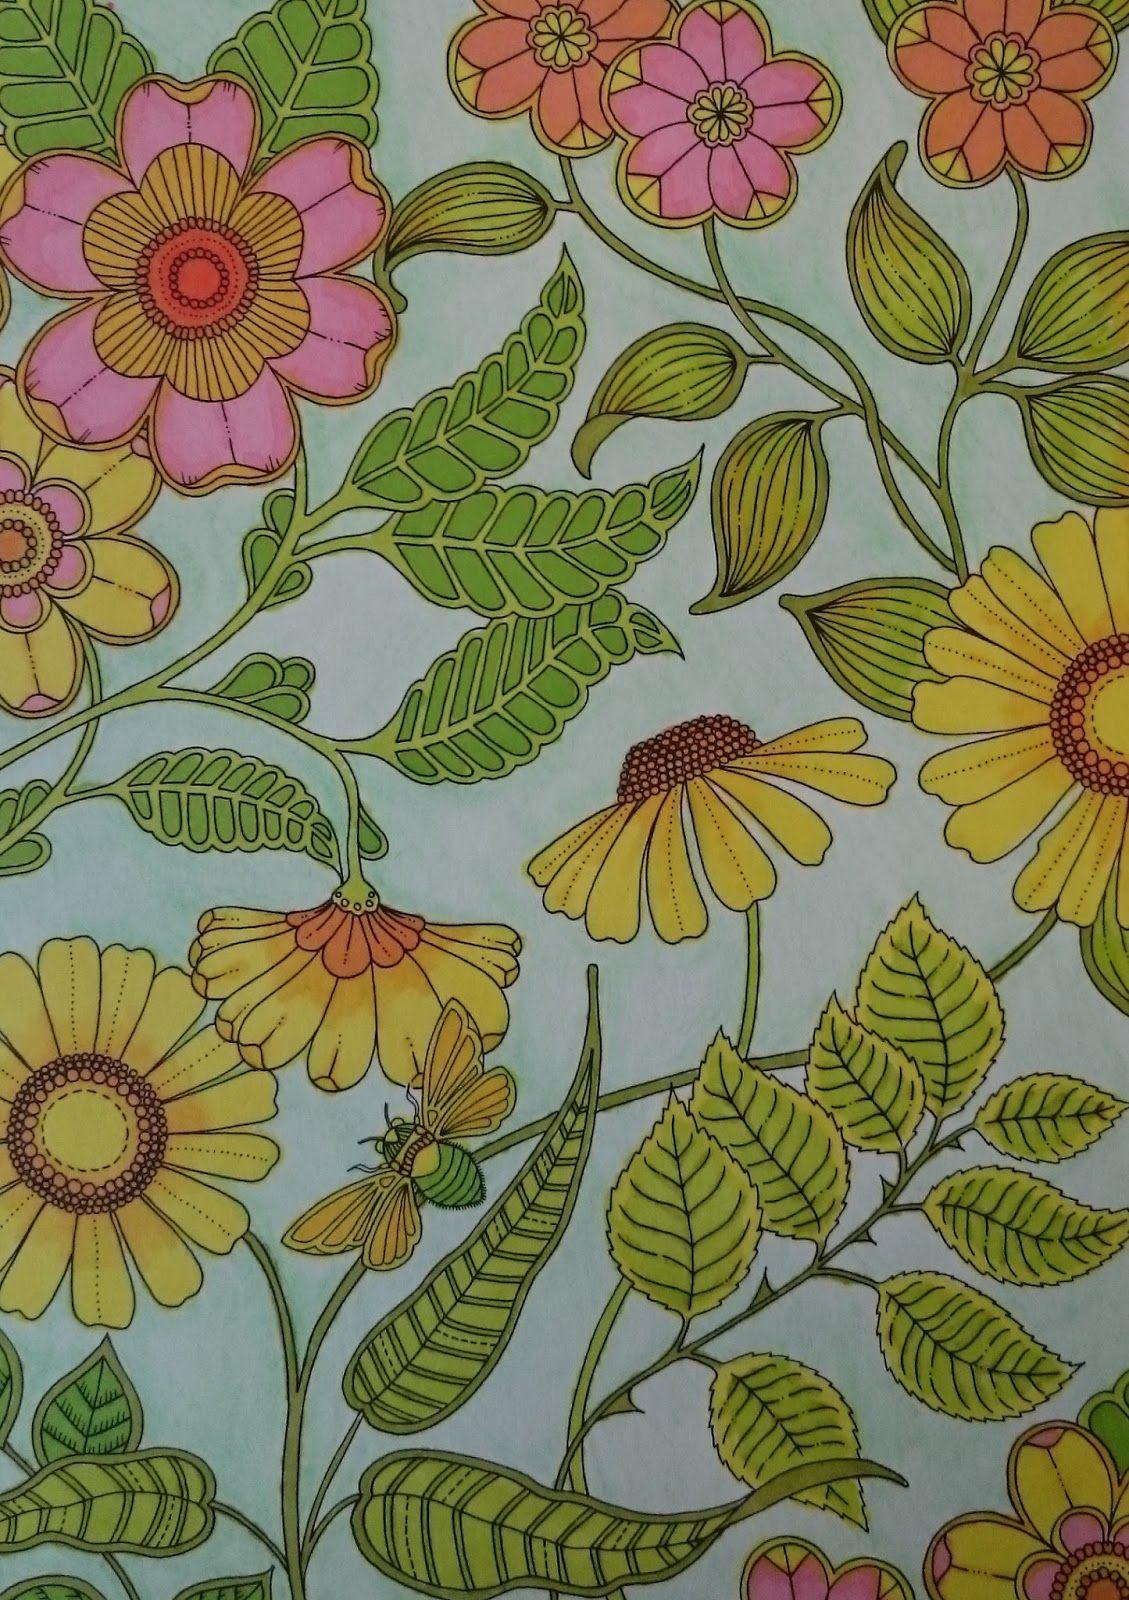 Ideal The Secret Garden Coloring Book 59 the secret garden